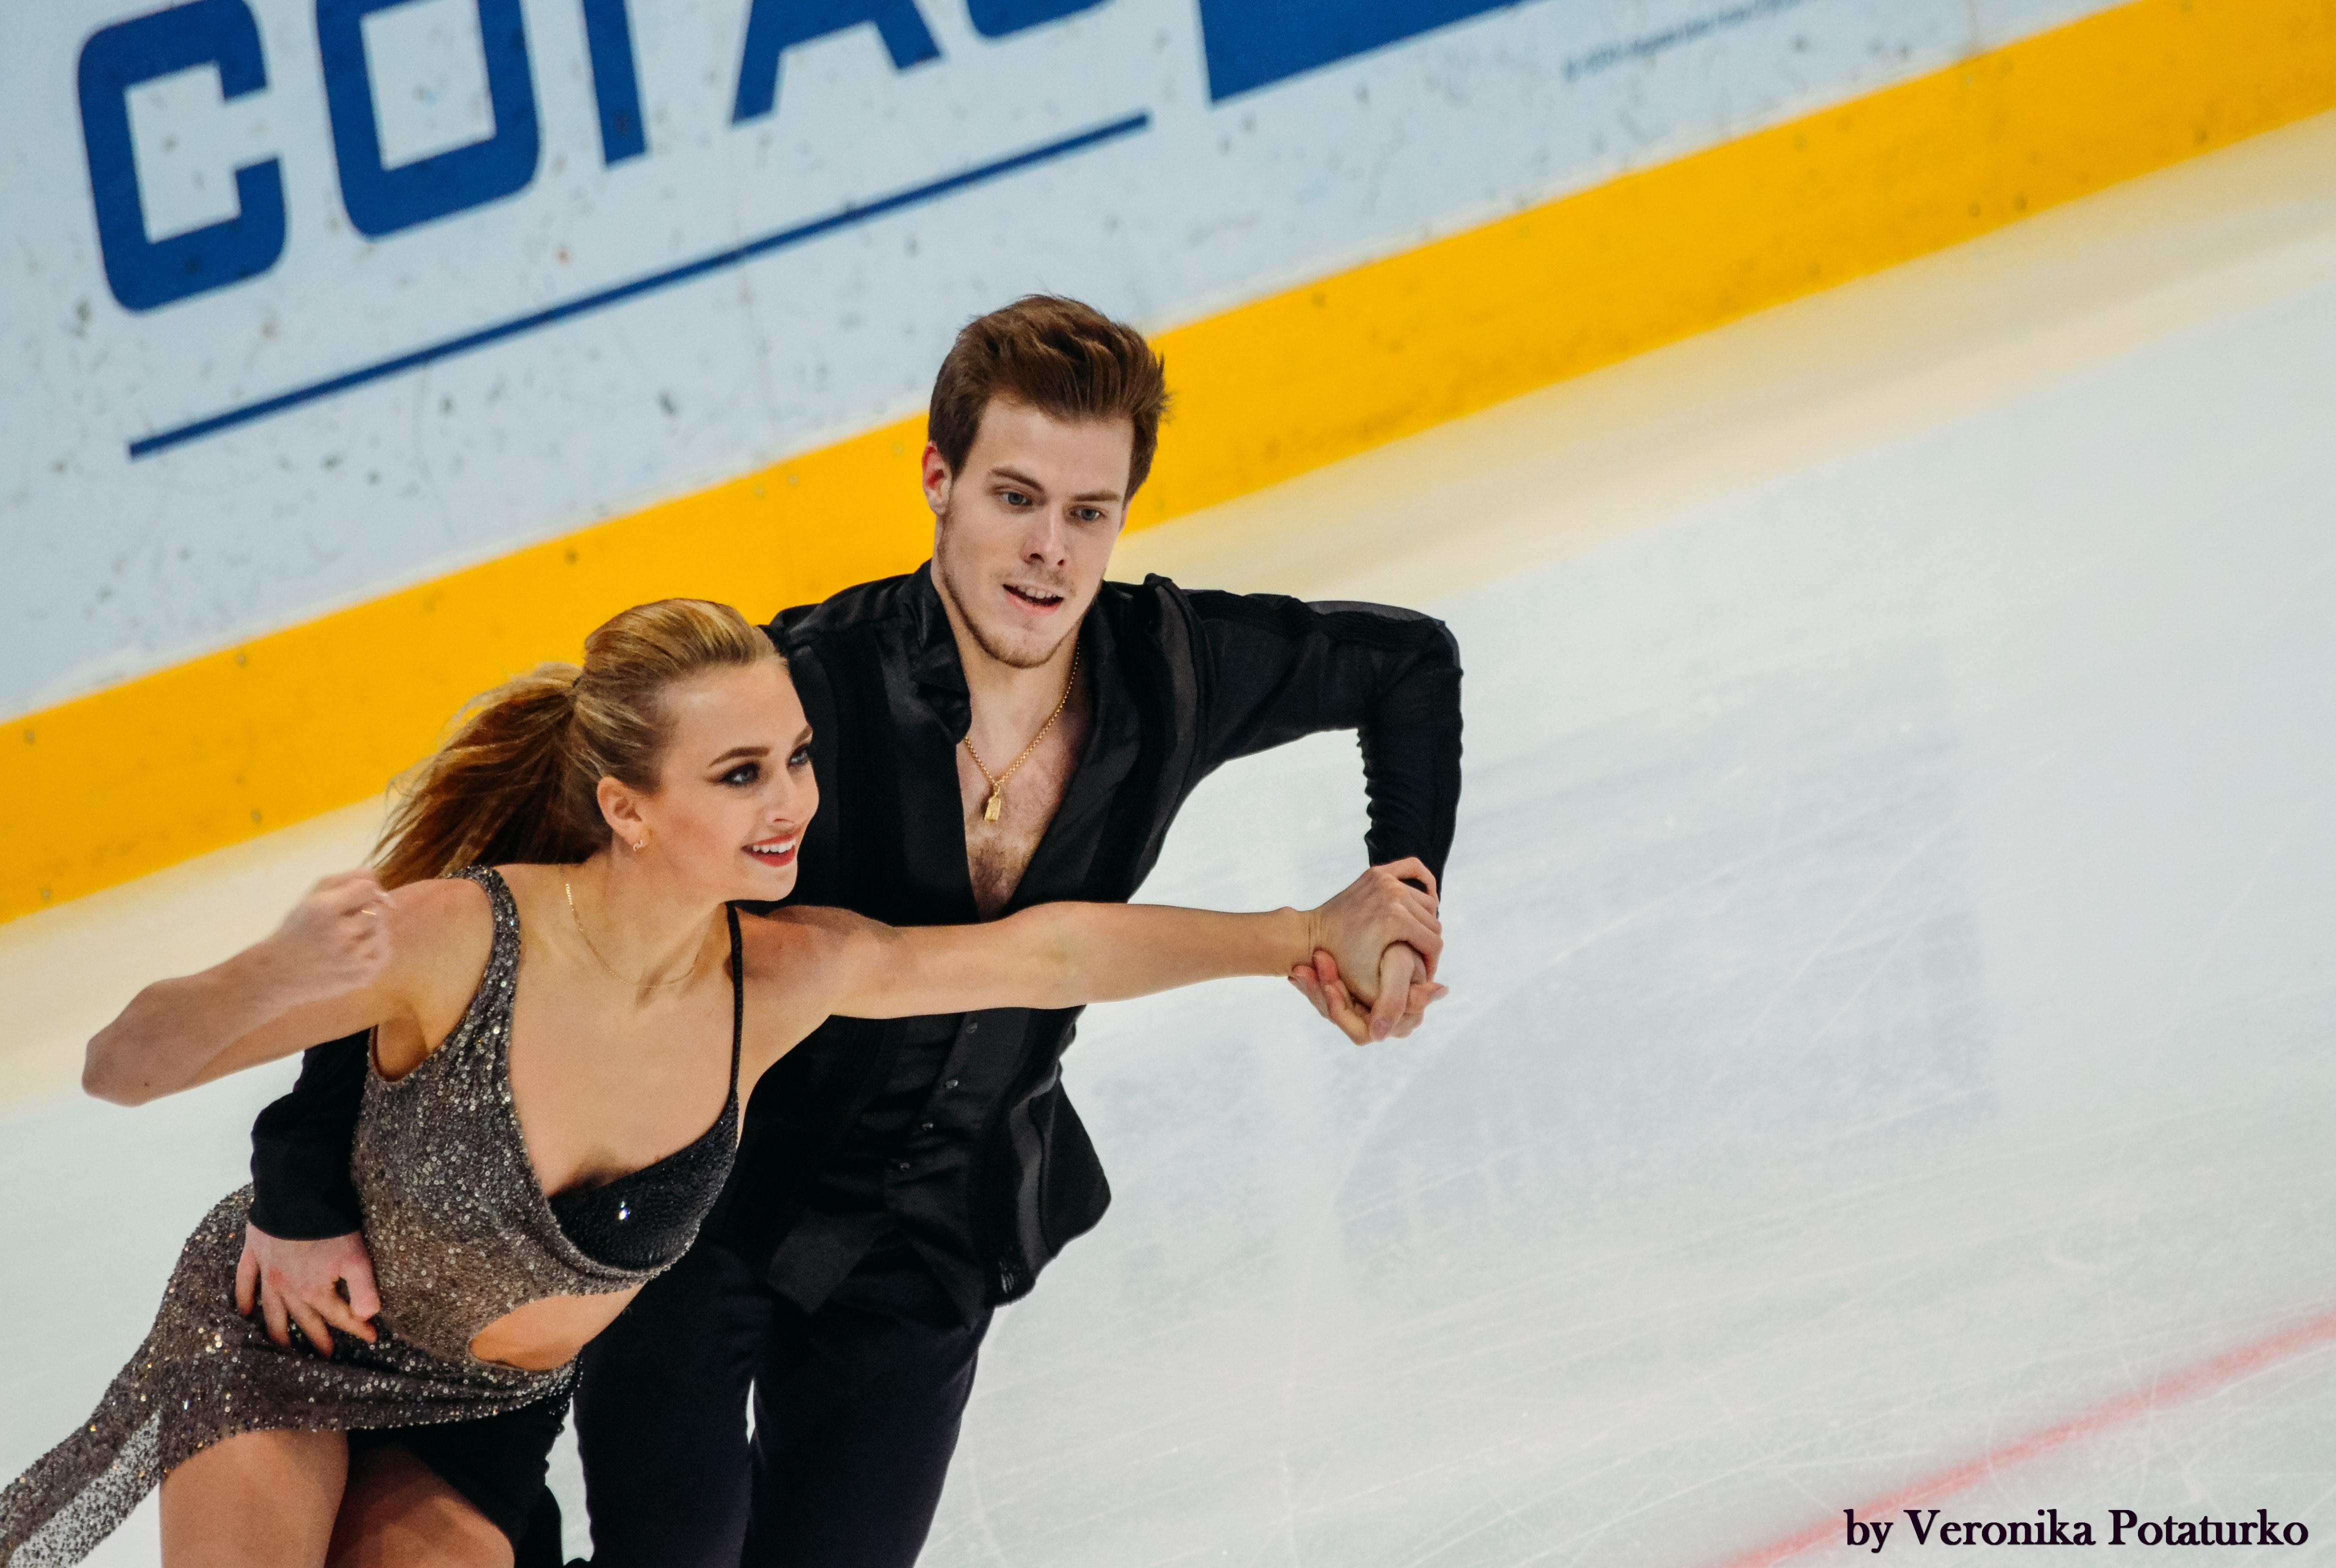 Виктория Синицина - Никита Кацалапов - 7 - Страница 4 DSC_2863